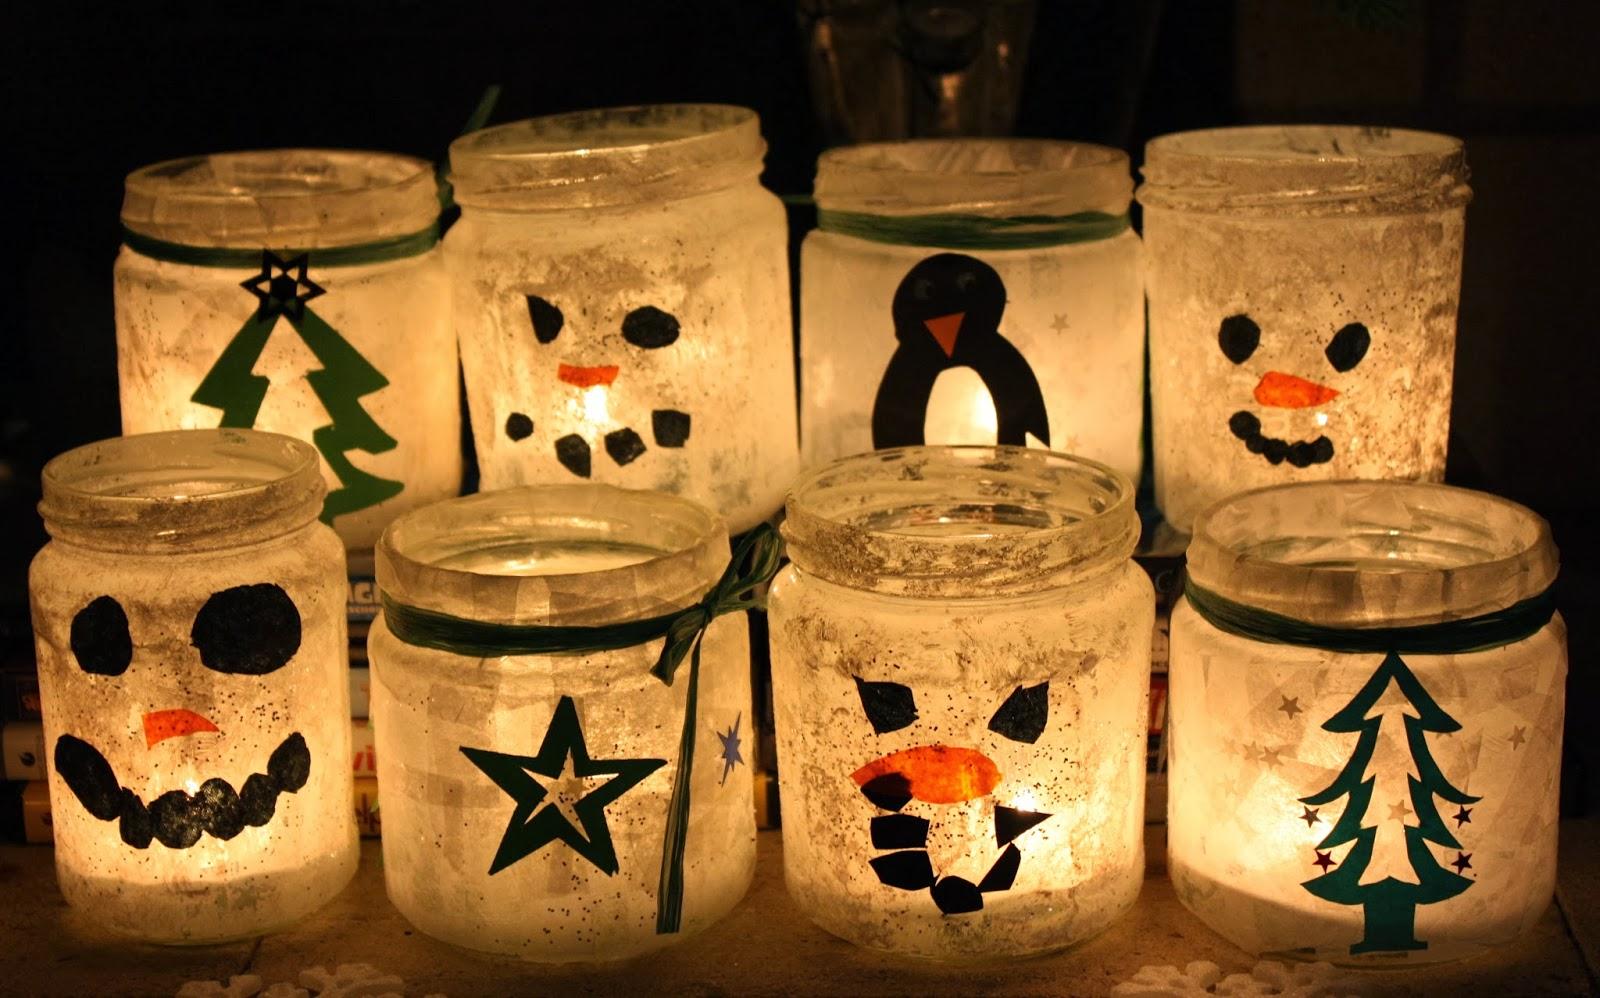 Basteln Weihnachten Kinder Bastelideen Weihnachten